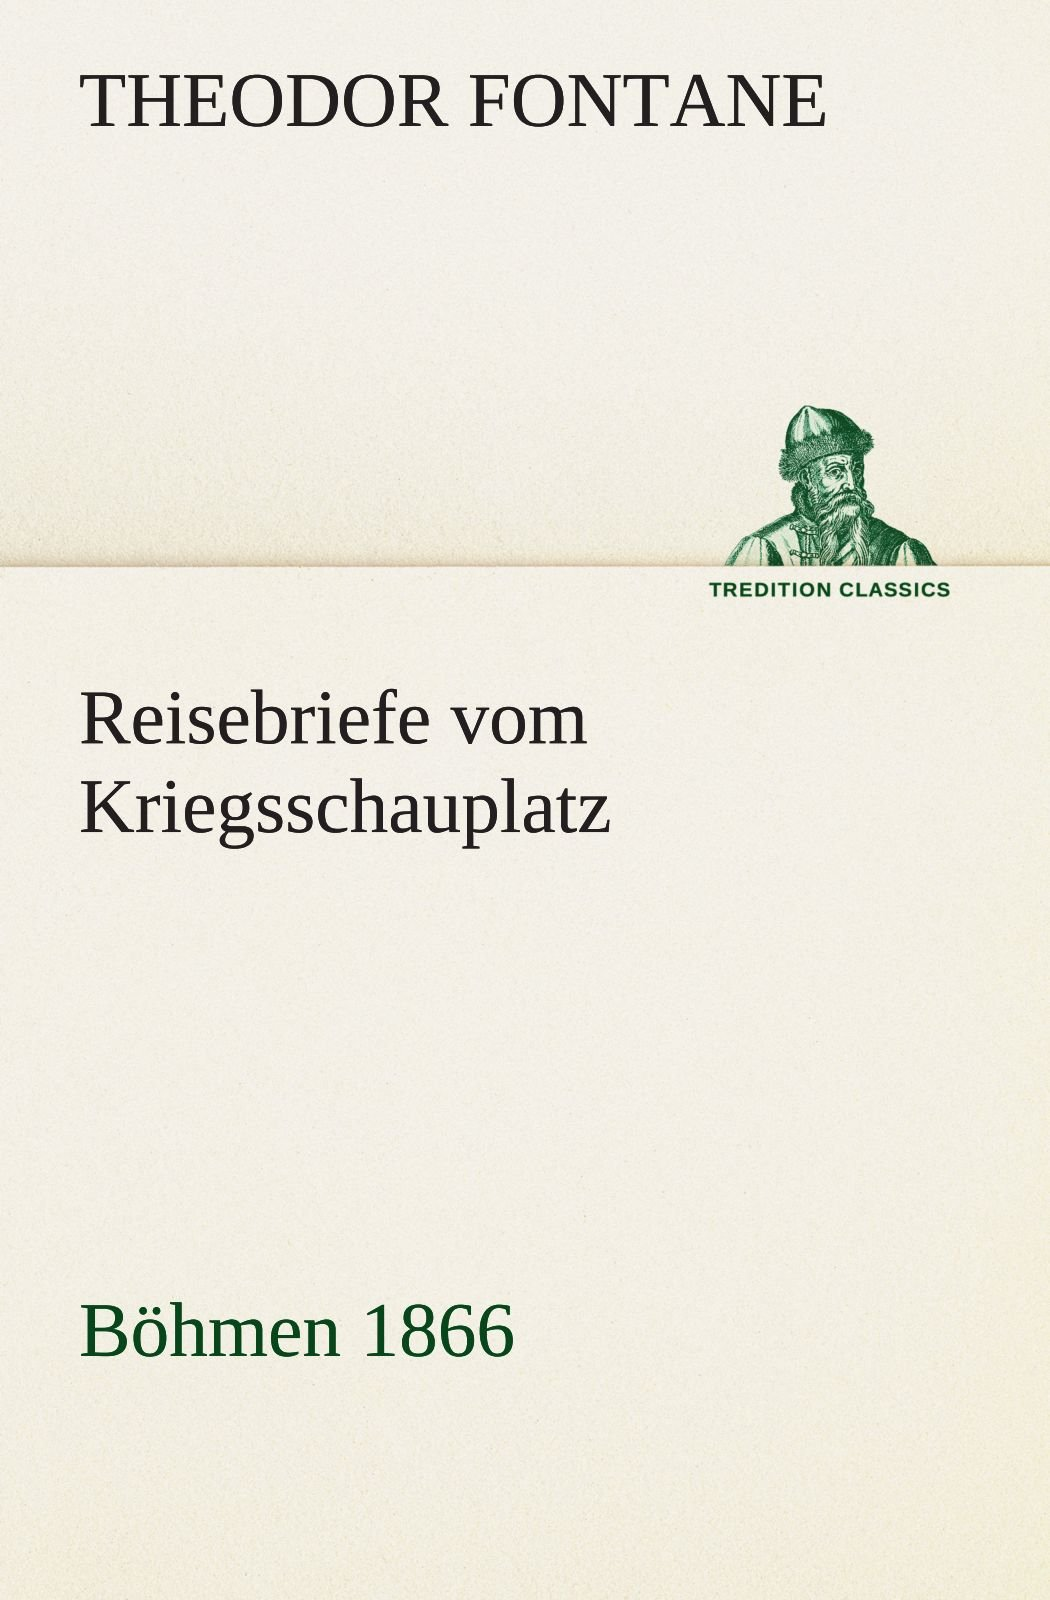 Reisebriefe vom Kriegsschauplatz: Böhmen 1866 (TREDITION CLASSICS)